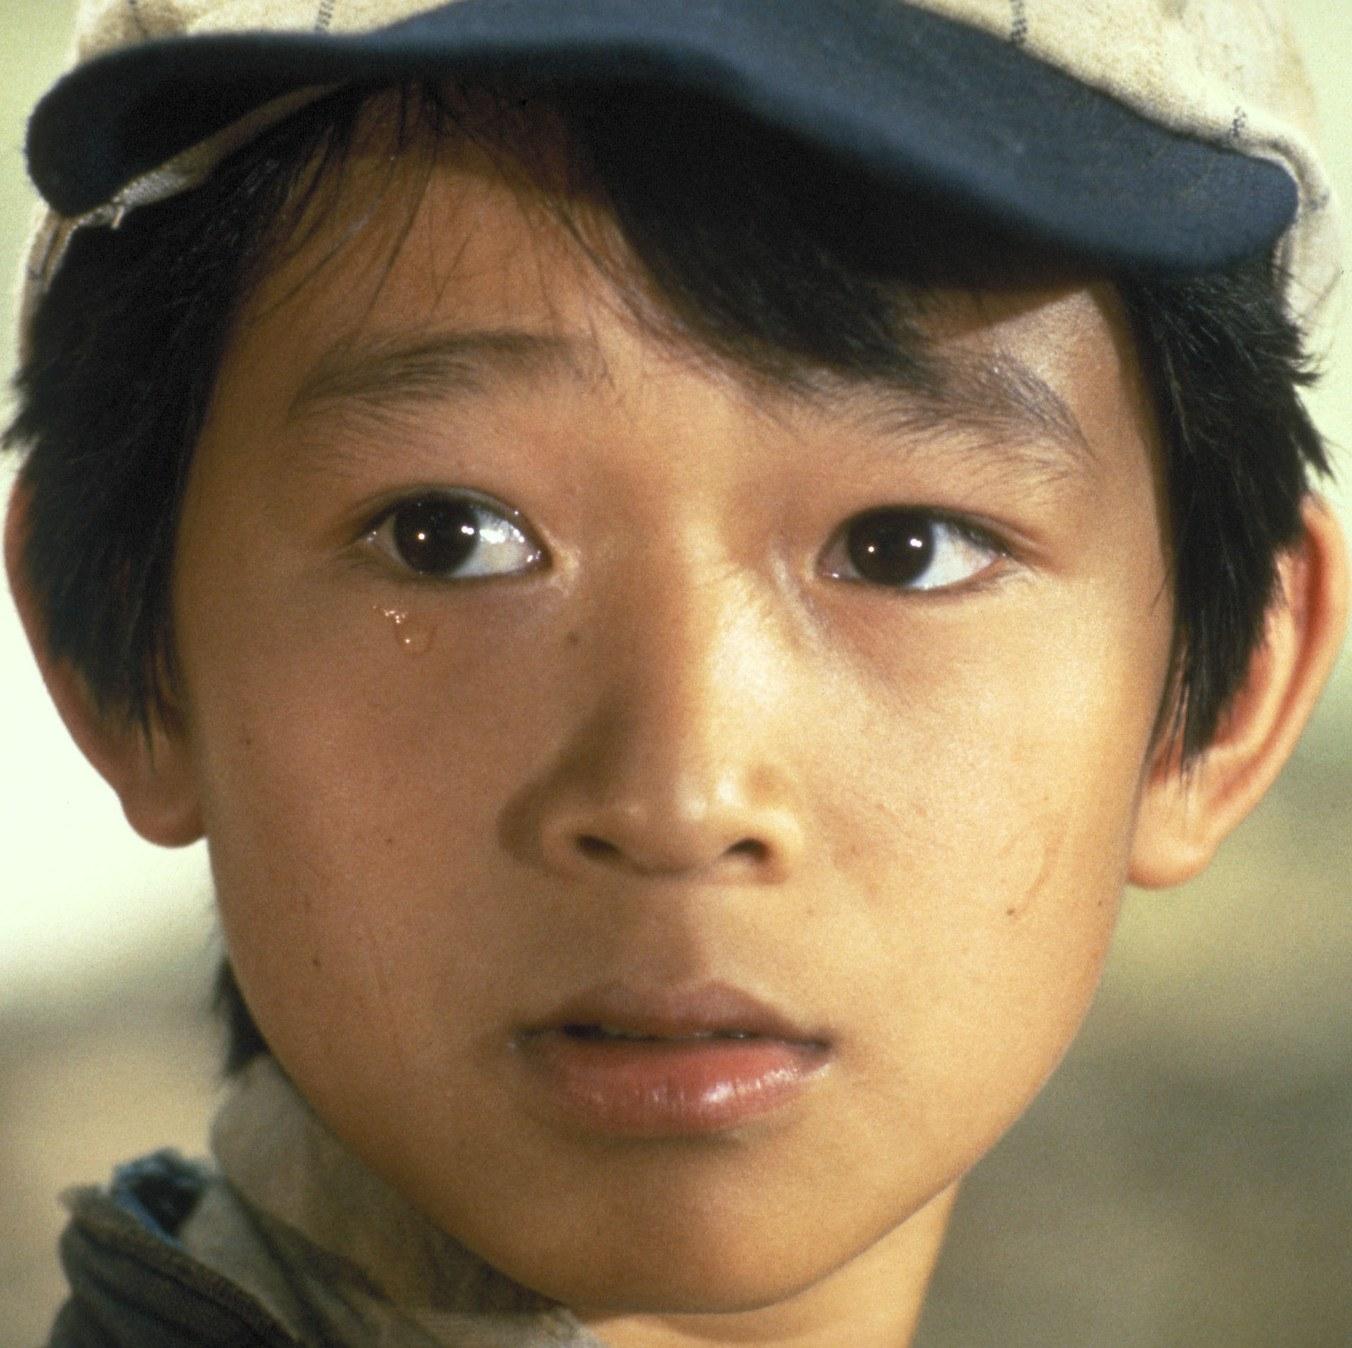 Jonathan Ke Quan as Data in The Goonies (1985)